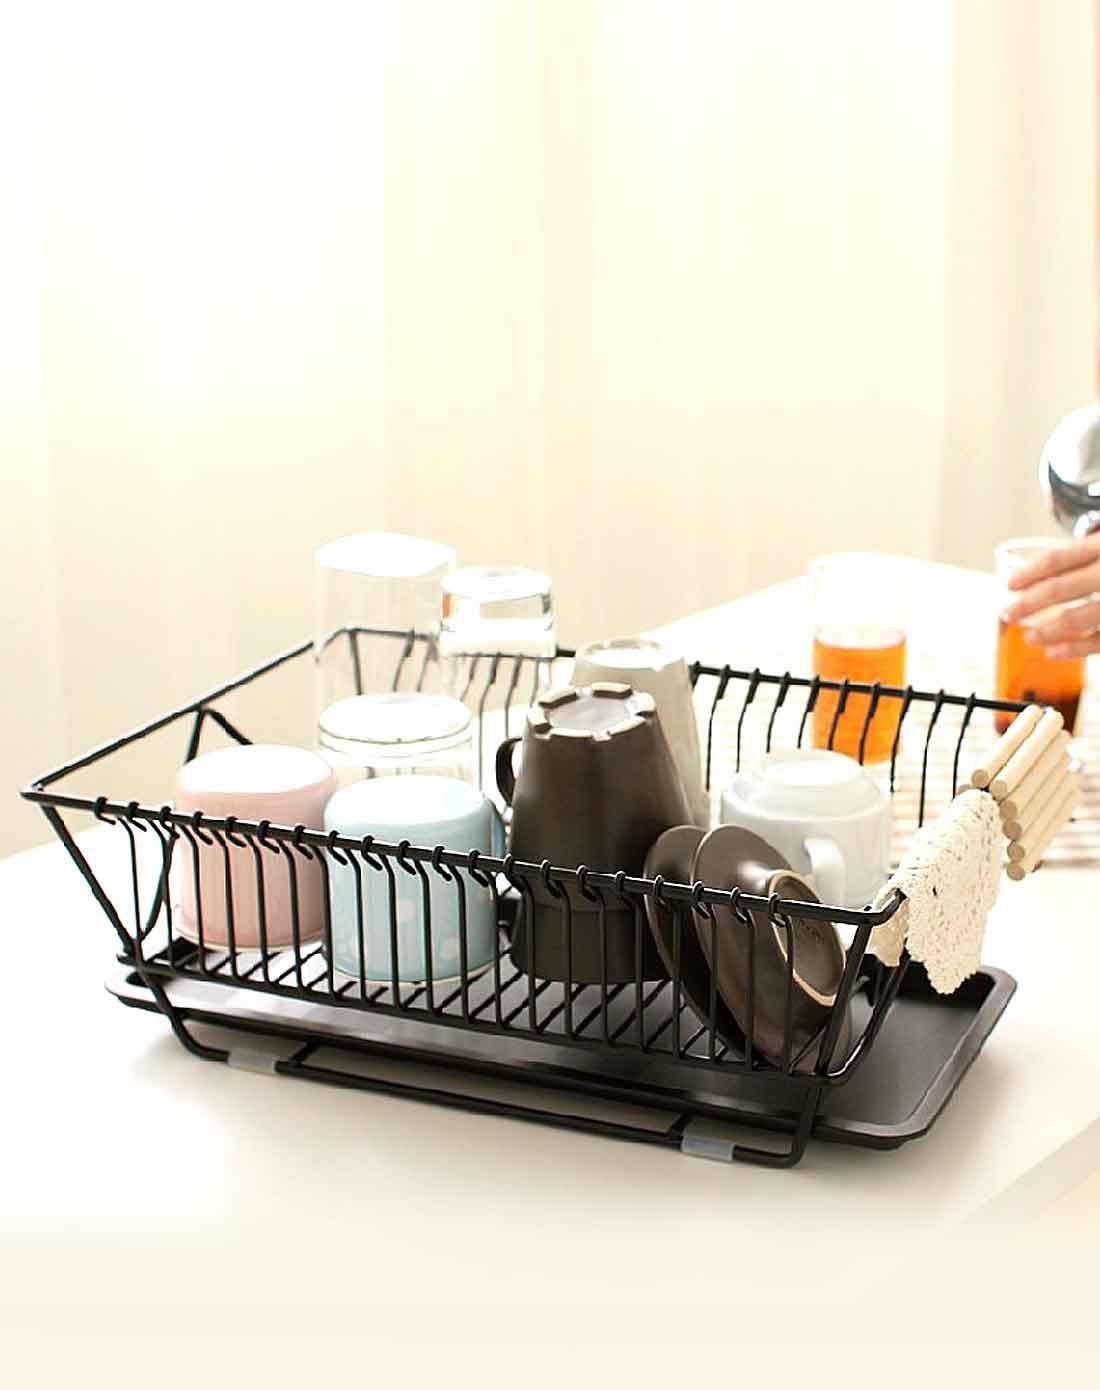 日本居优乐品joyolop家居用品专场黑色厨房餐具沥水